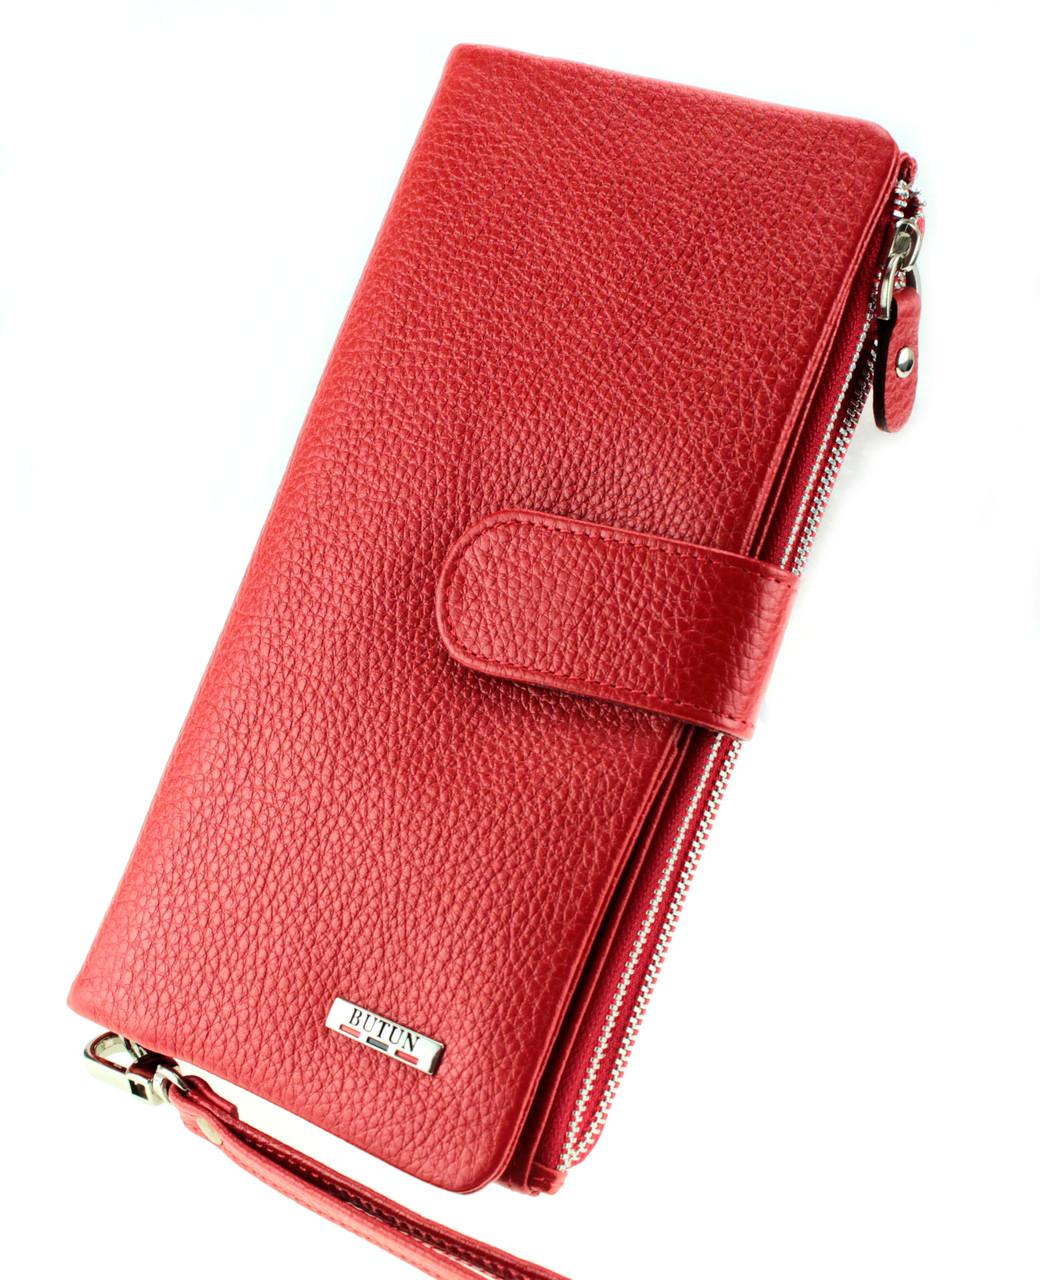 Жіночий клатч шкіряний червоний BUTUN 022-004-006